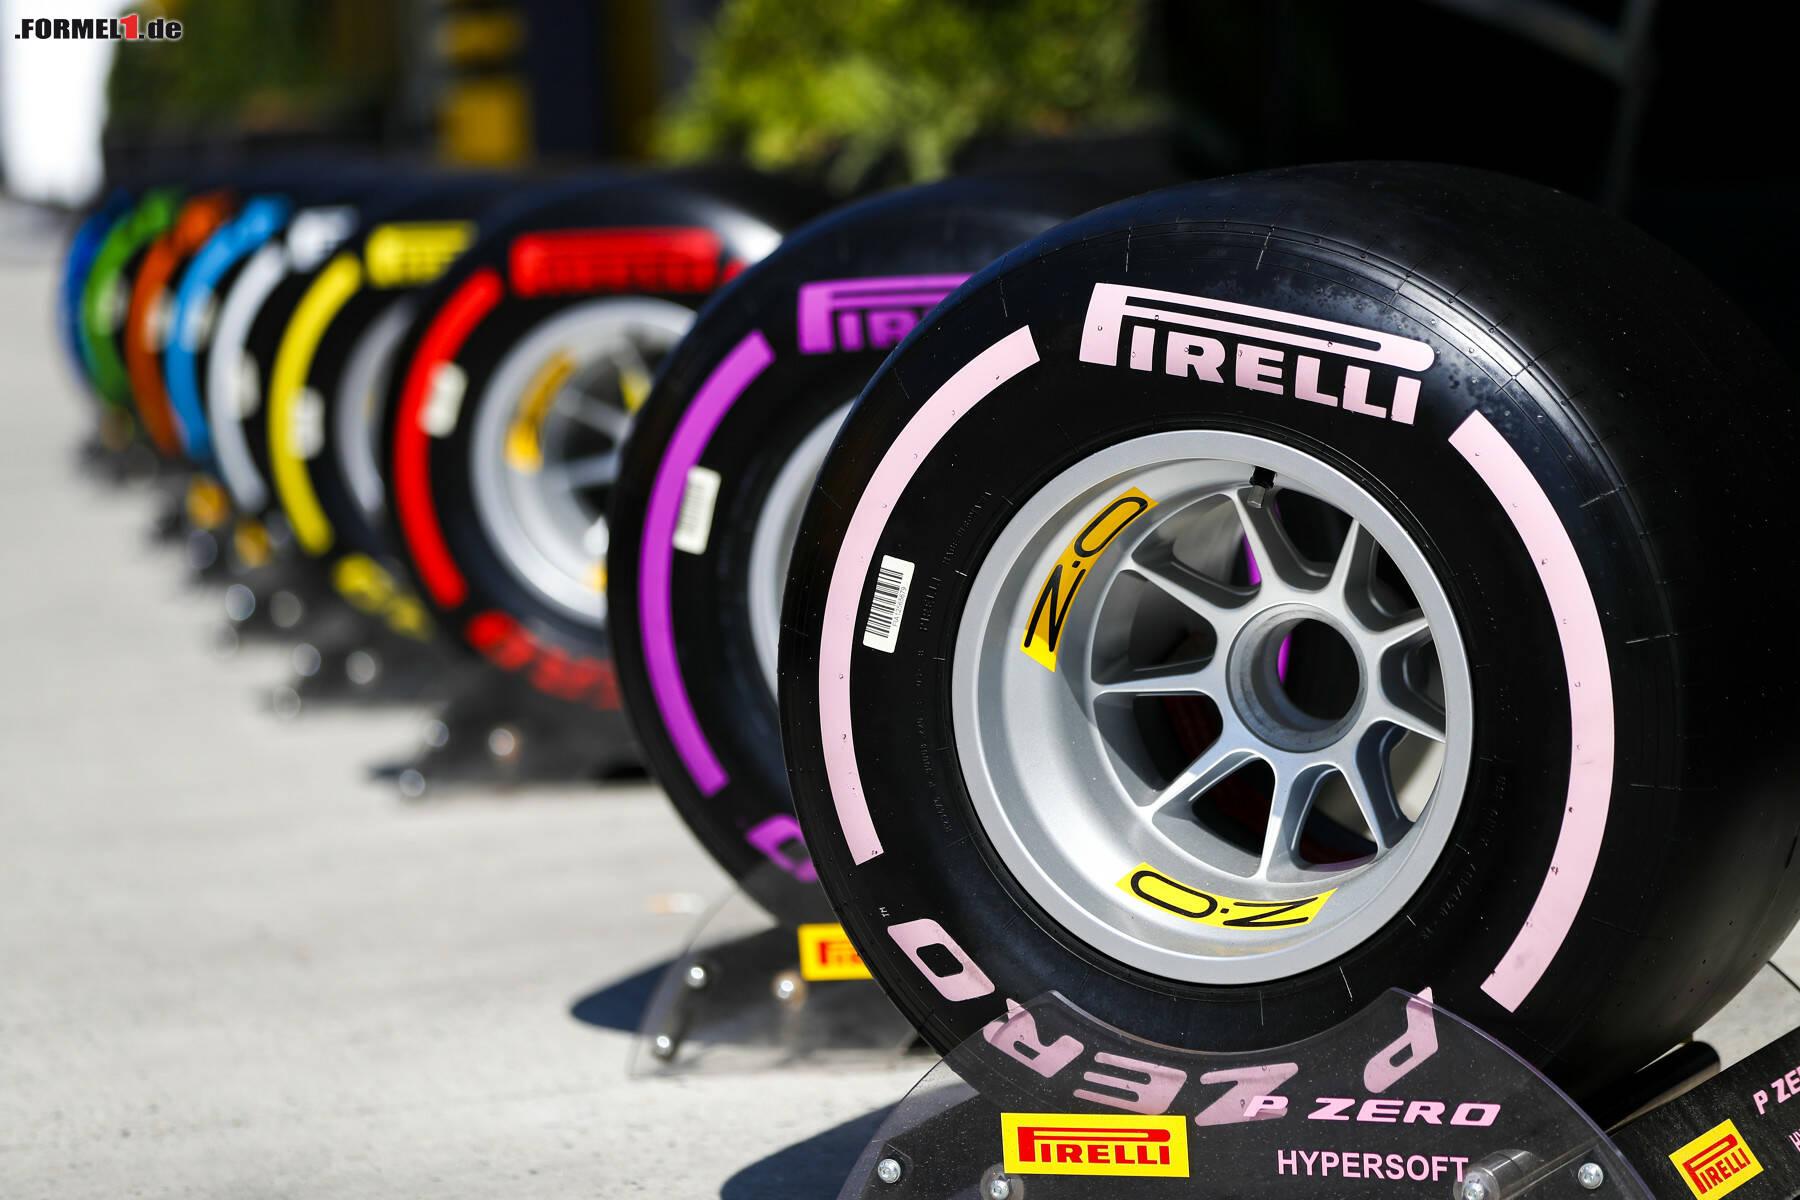 Gewicht Formel 1 Reifen